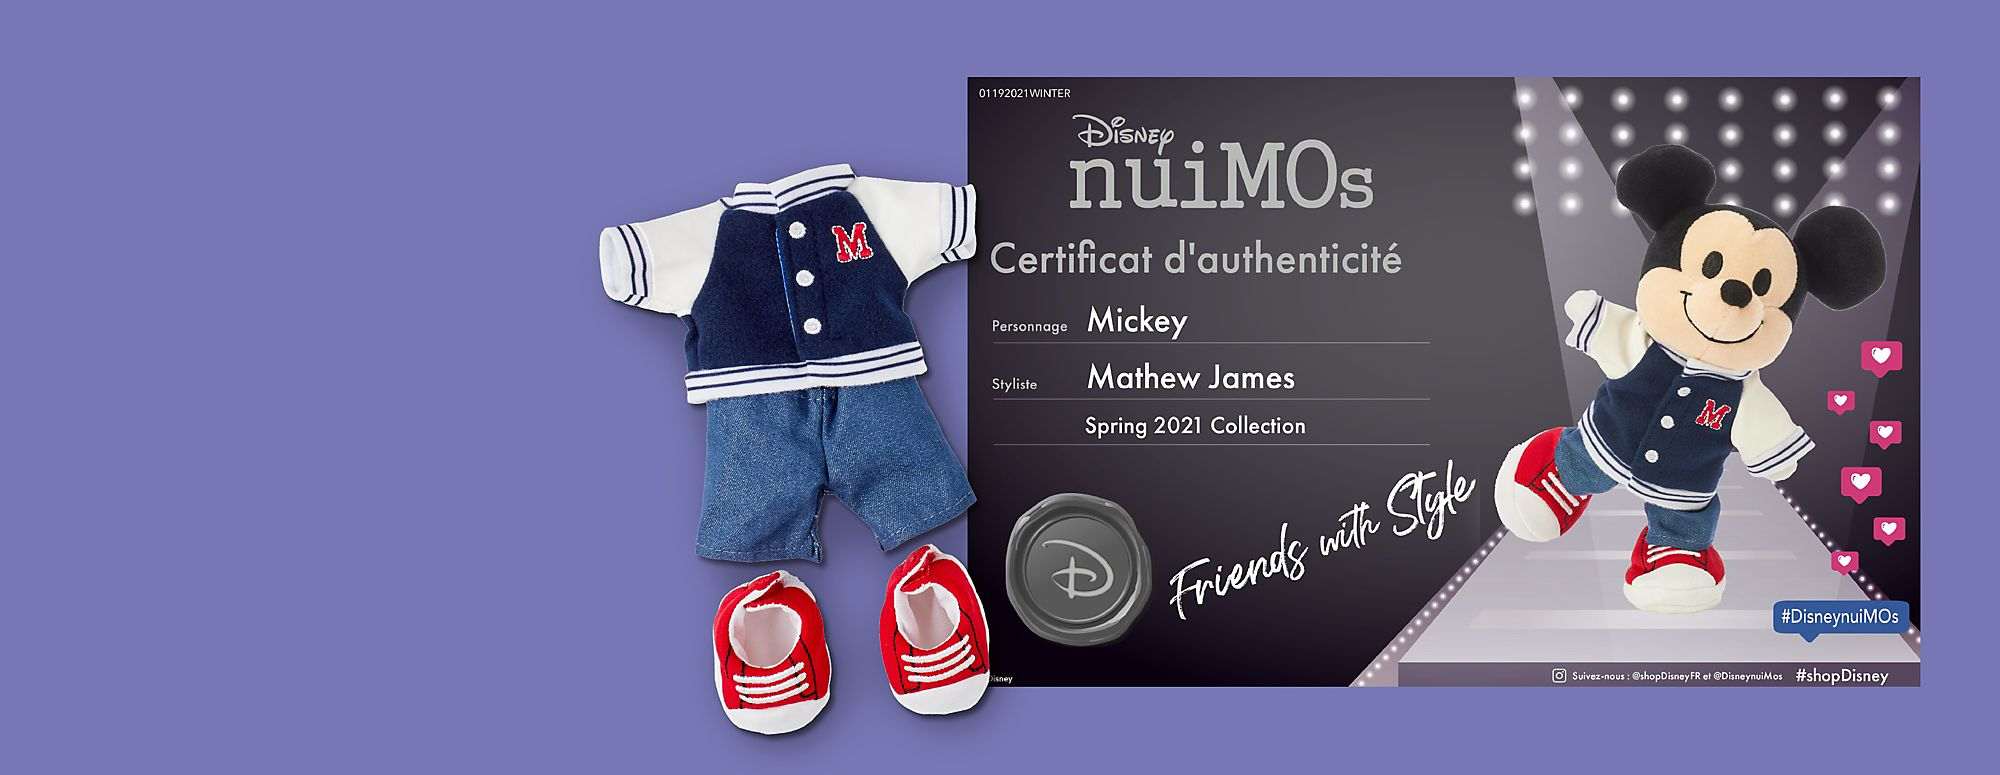 Montrez votre ens du style Devenez un styliste Disney nuiMOs  officiel et recevez un certificat d'authenticité gratuit